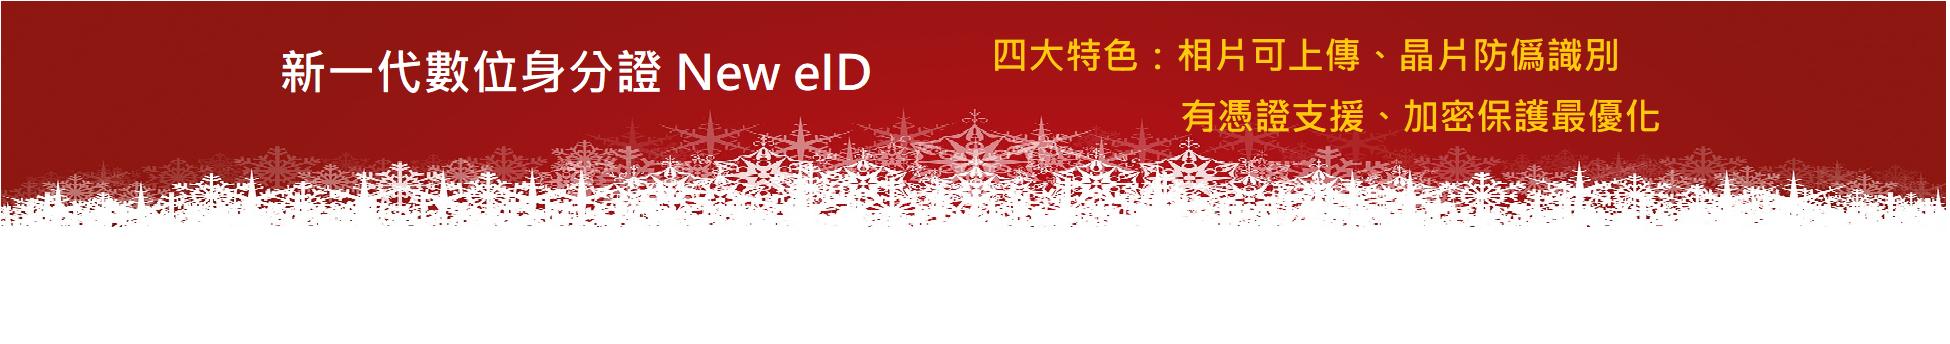 新一代數位身分證 New eID 四大特色介紹1.相片可上傳2.晶片防僞識別3.有憑證支援4.加密保護最優化